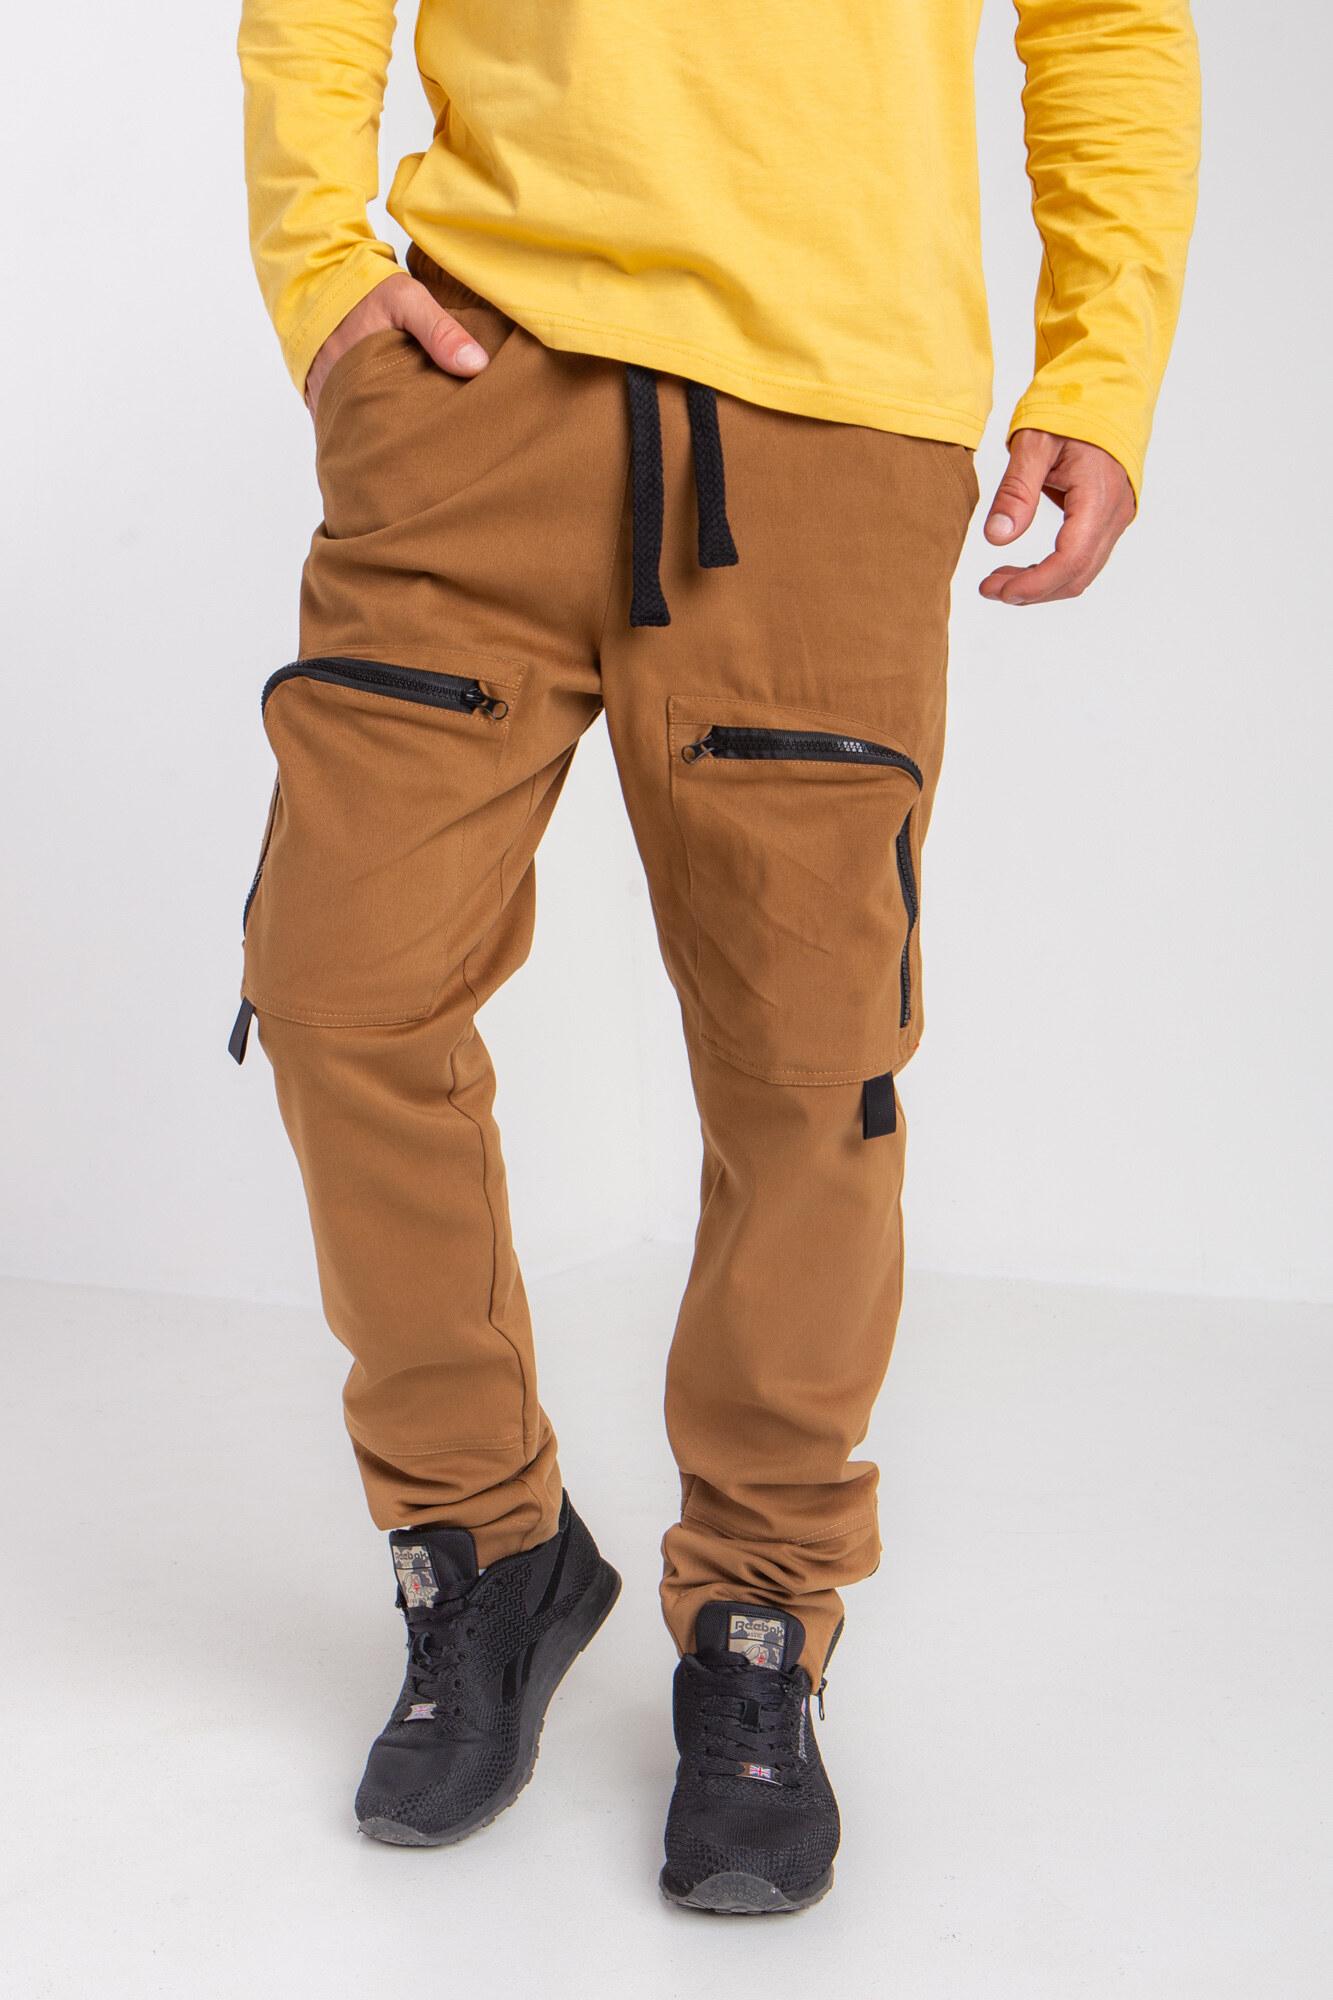 Коттоновые штаны карго с наколенниками и большими карманами